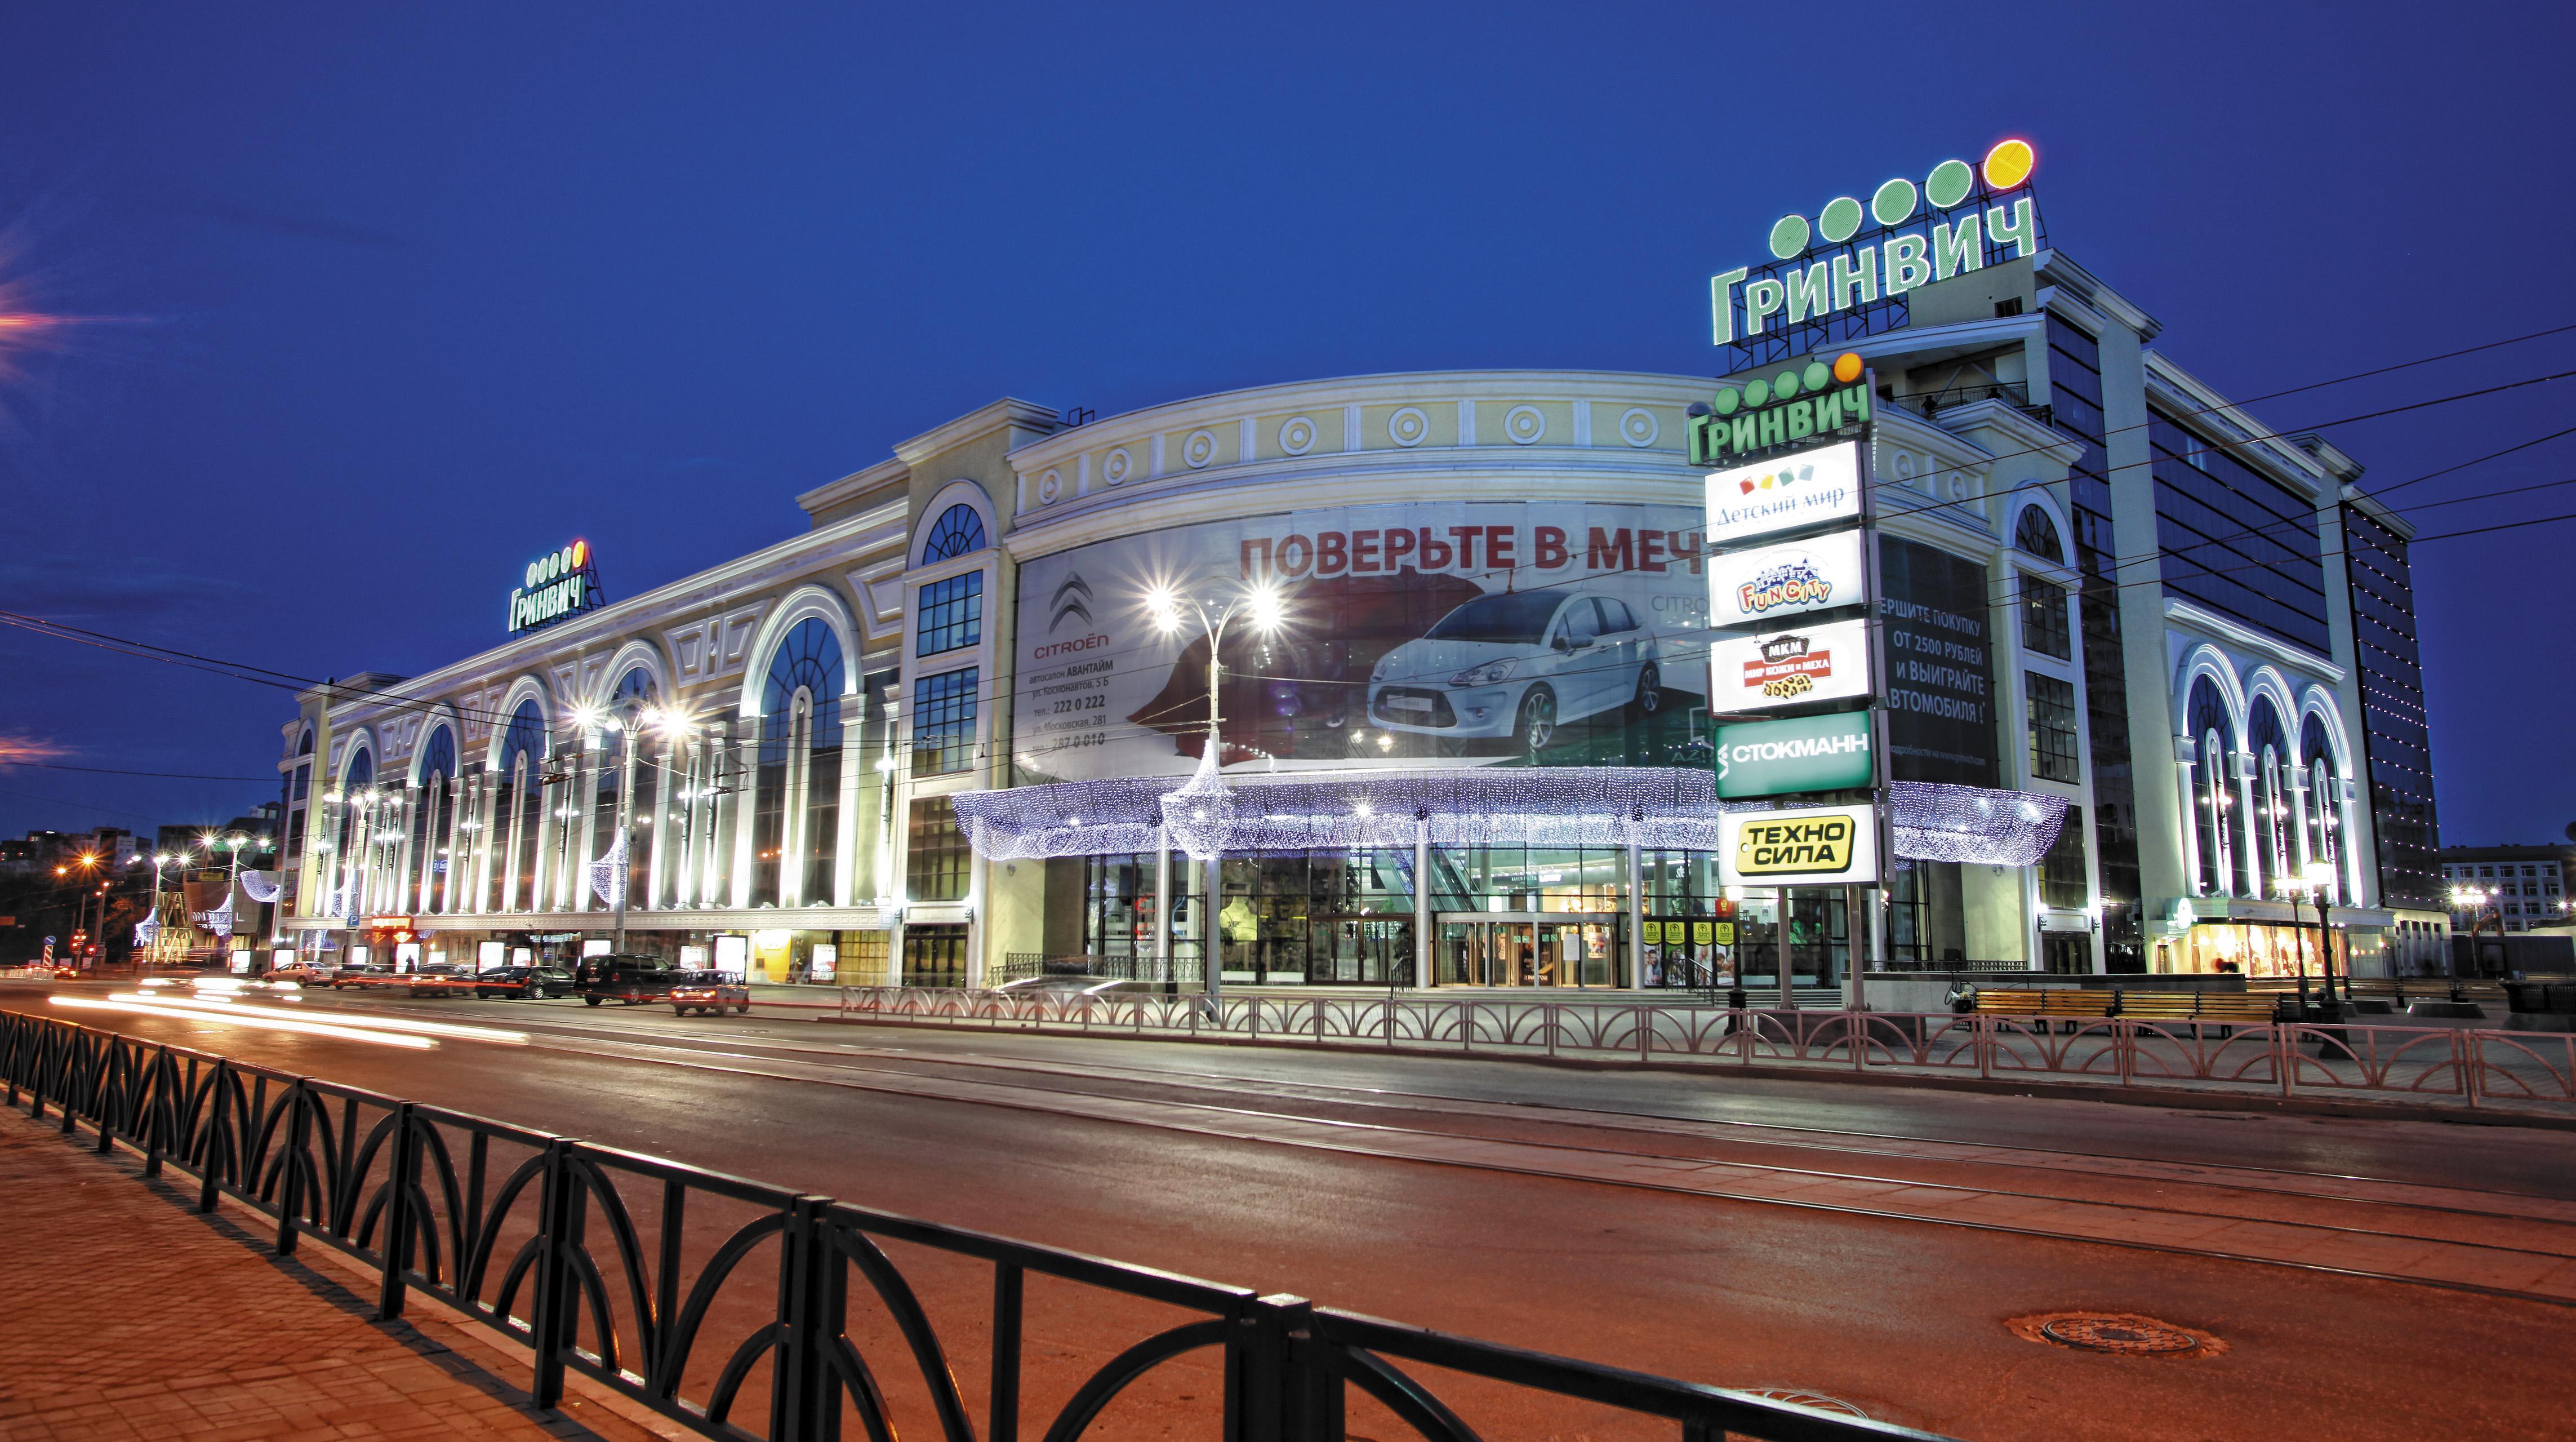 Екатеринбургский застройщик инвестировал 6 млрд руб встроительство Vочереди ТРЦ «Гринвич»